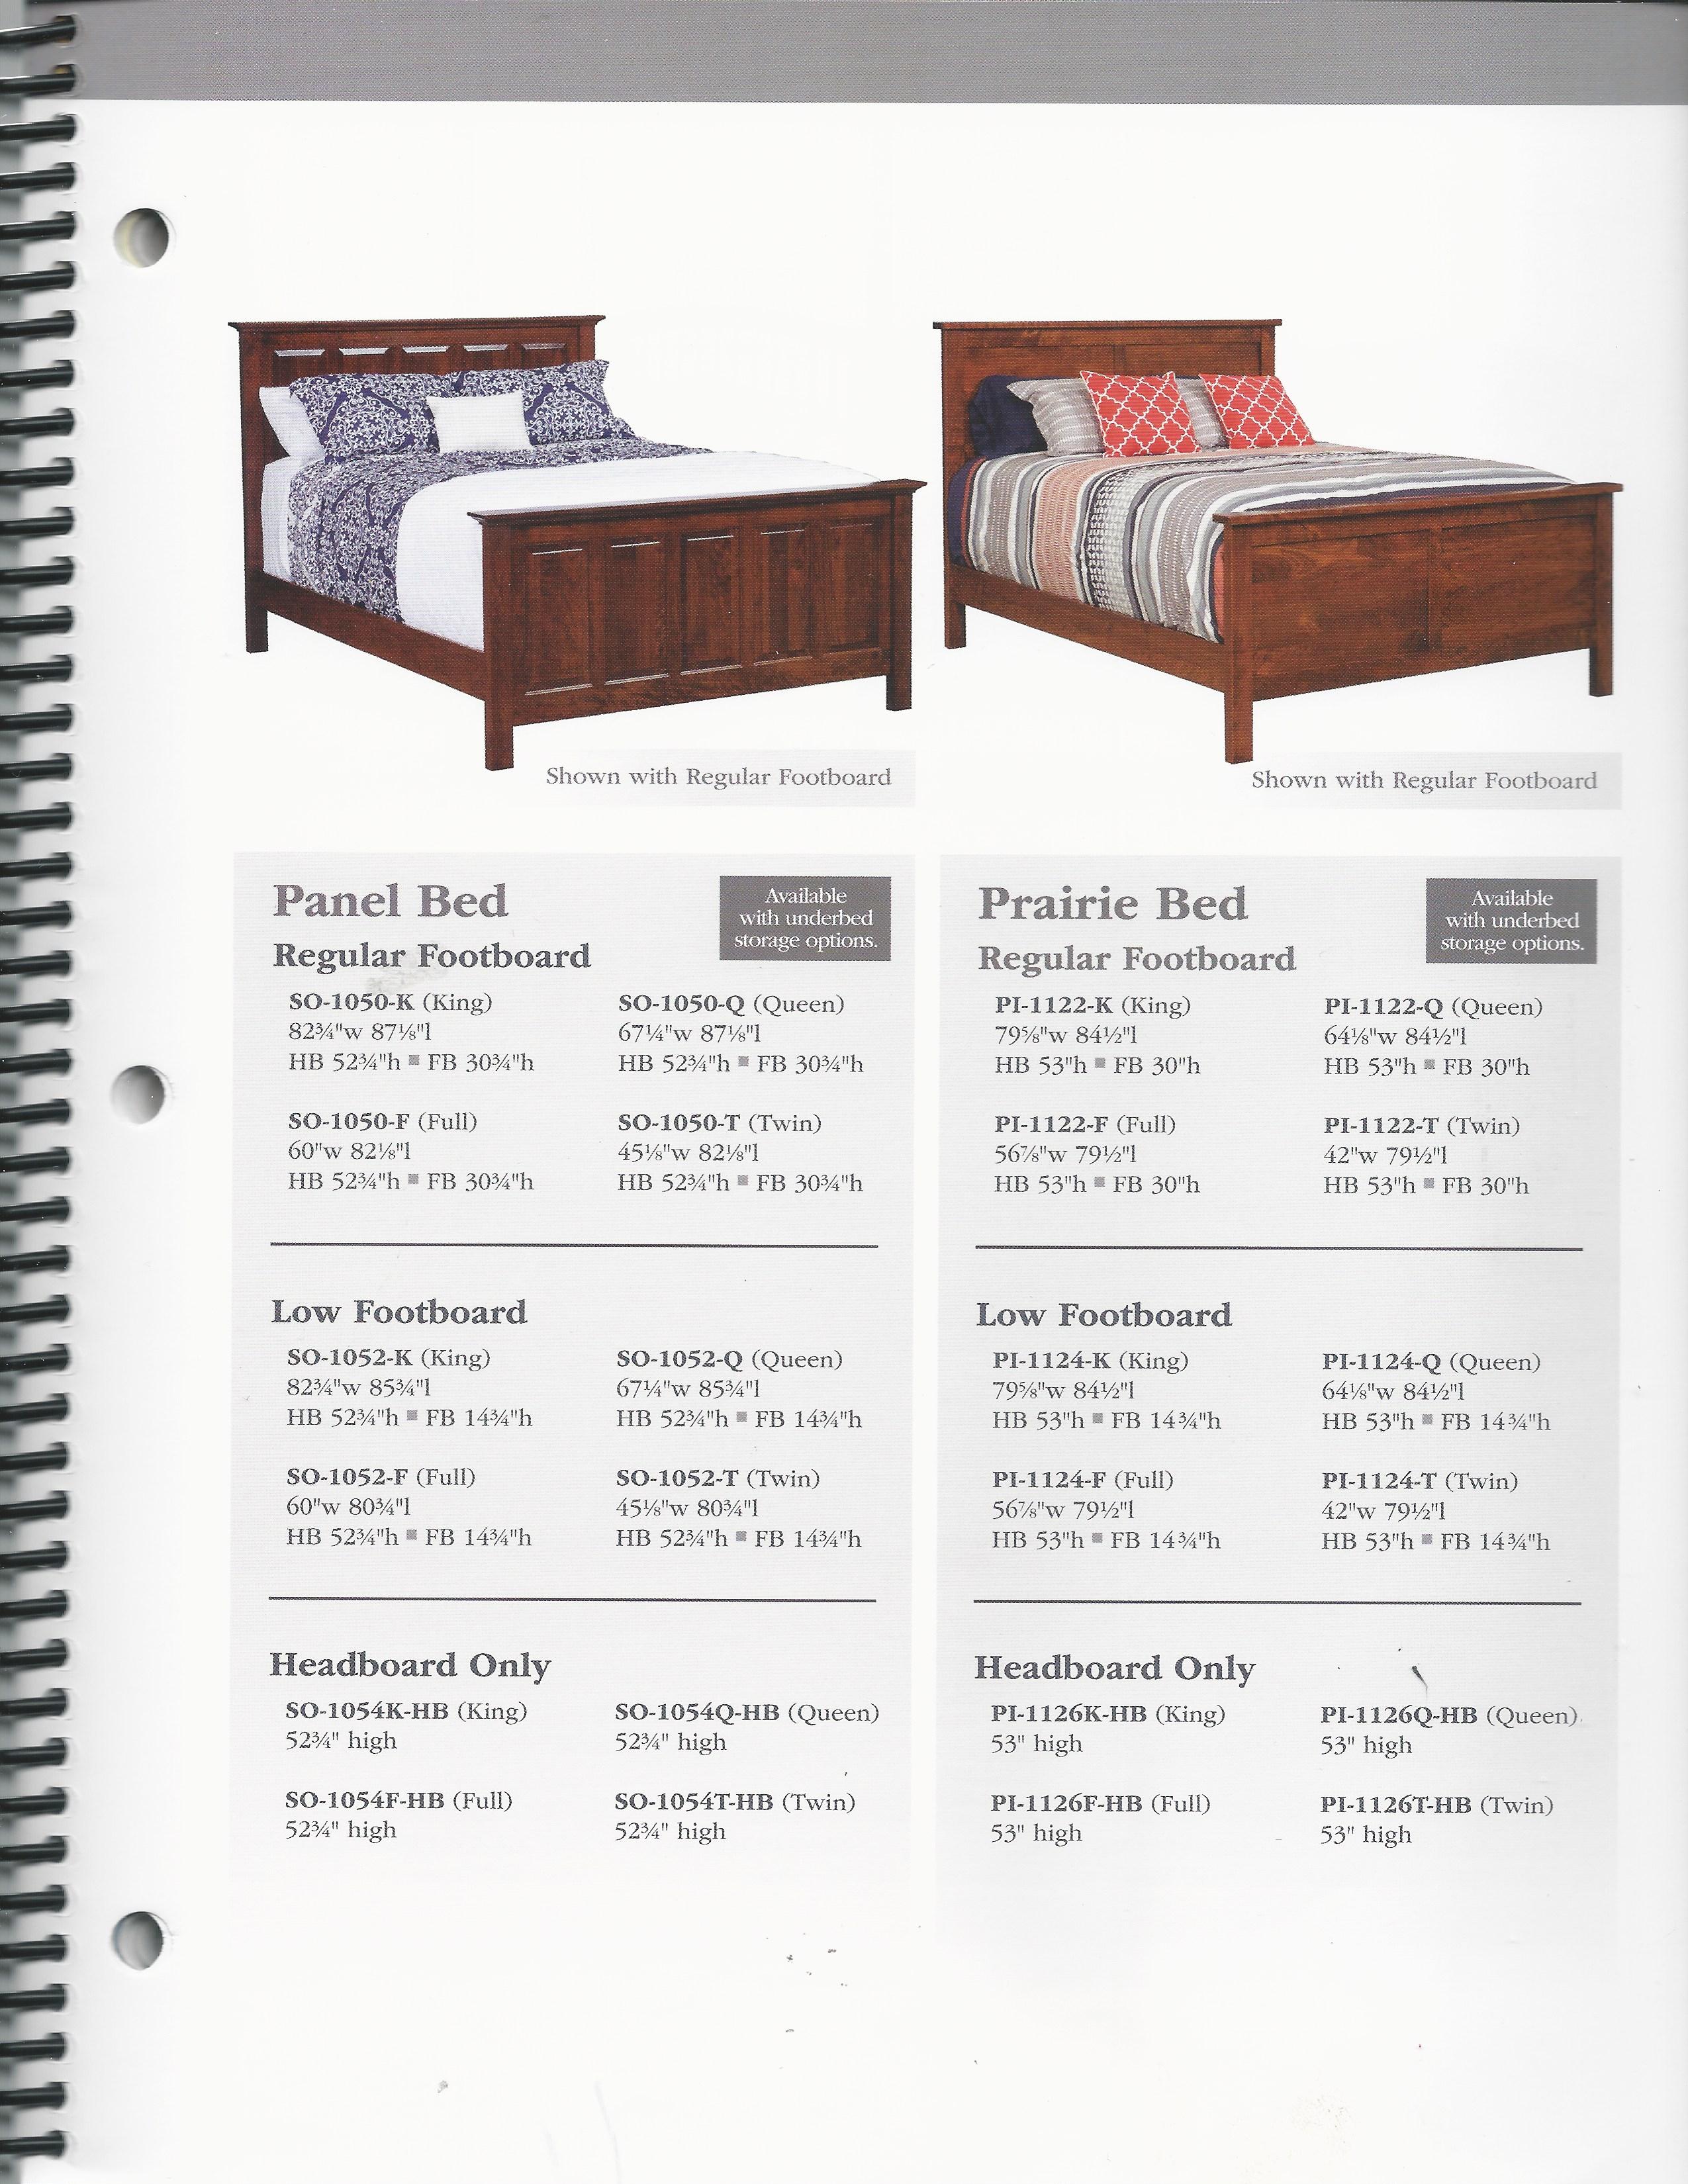 beds11